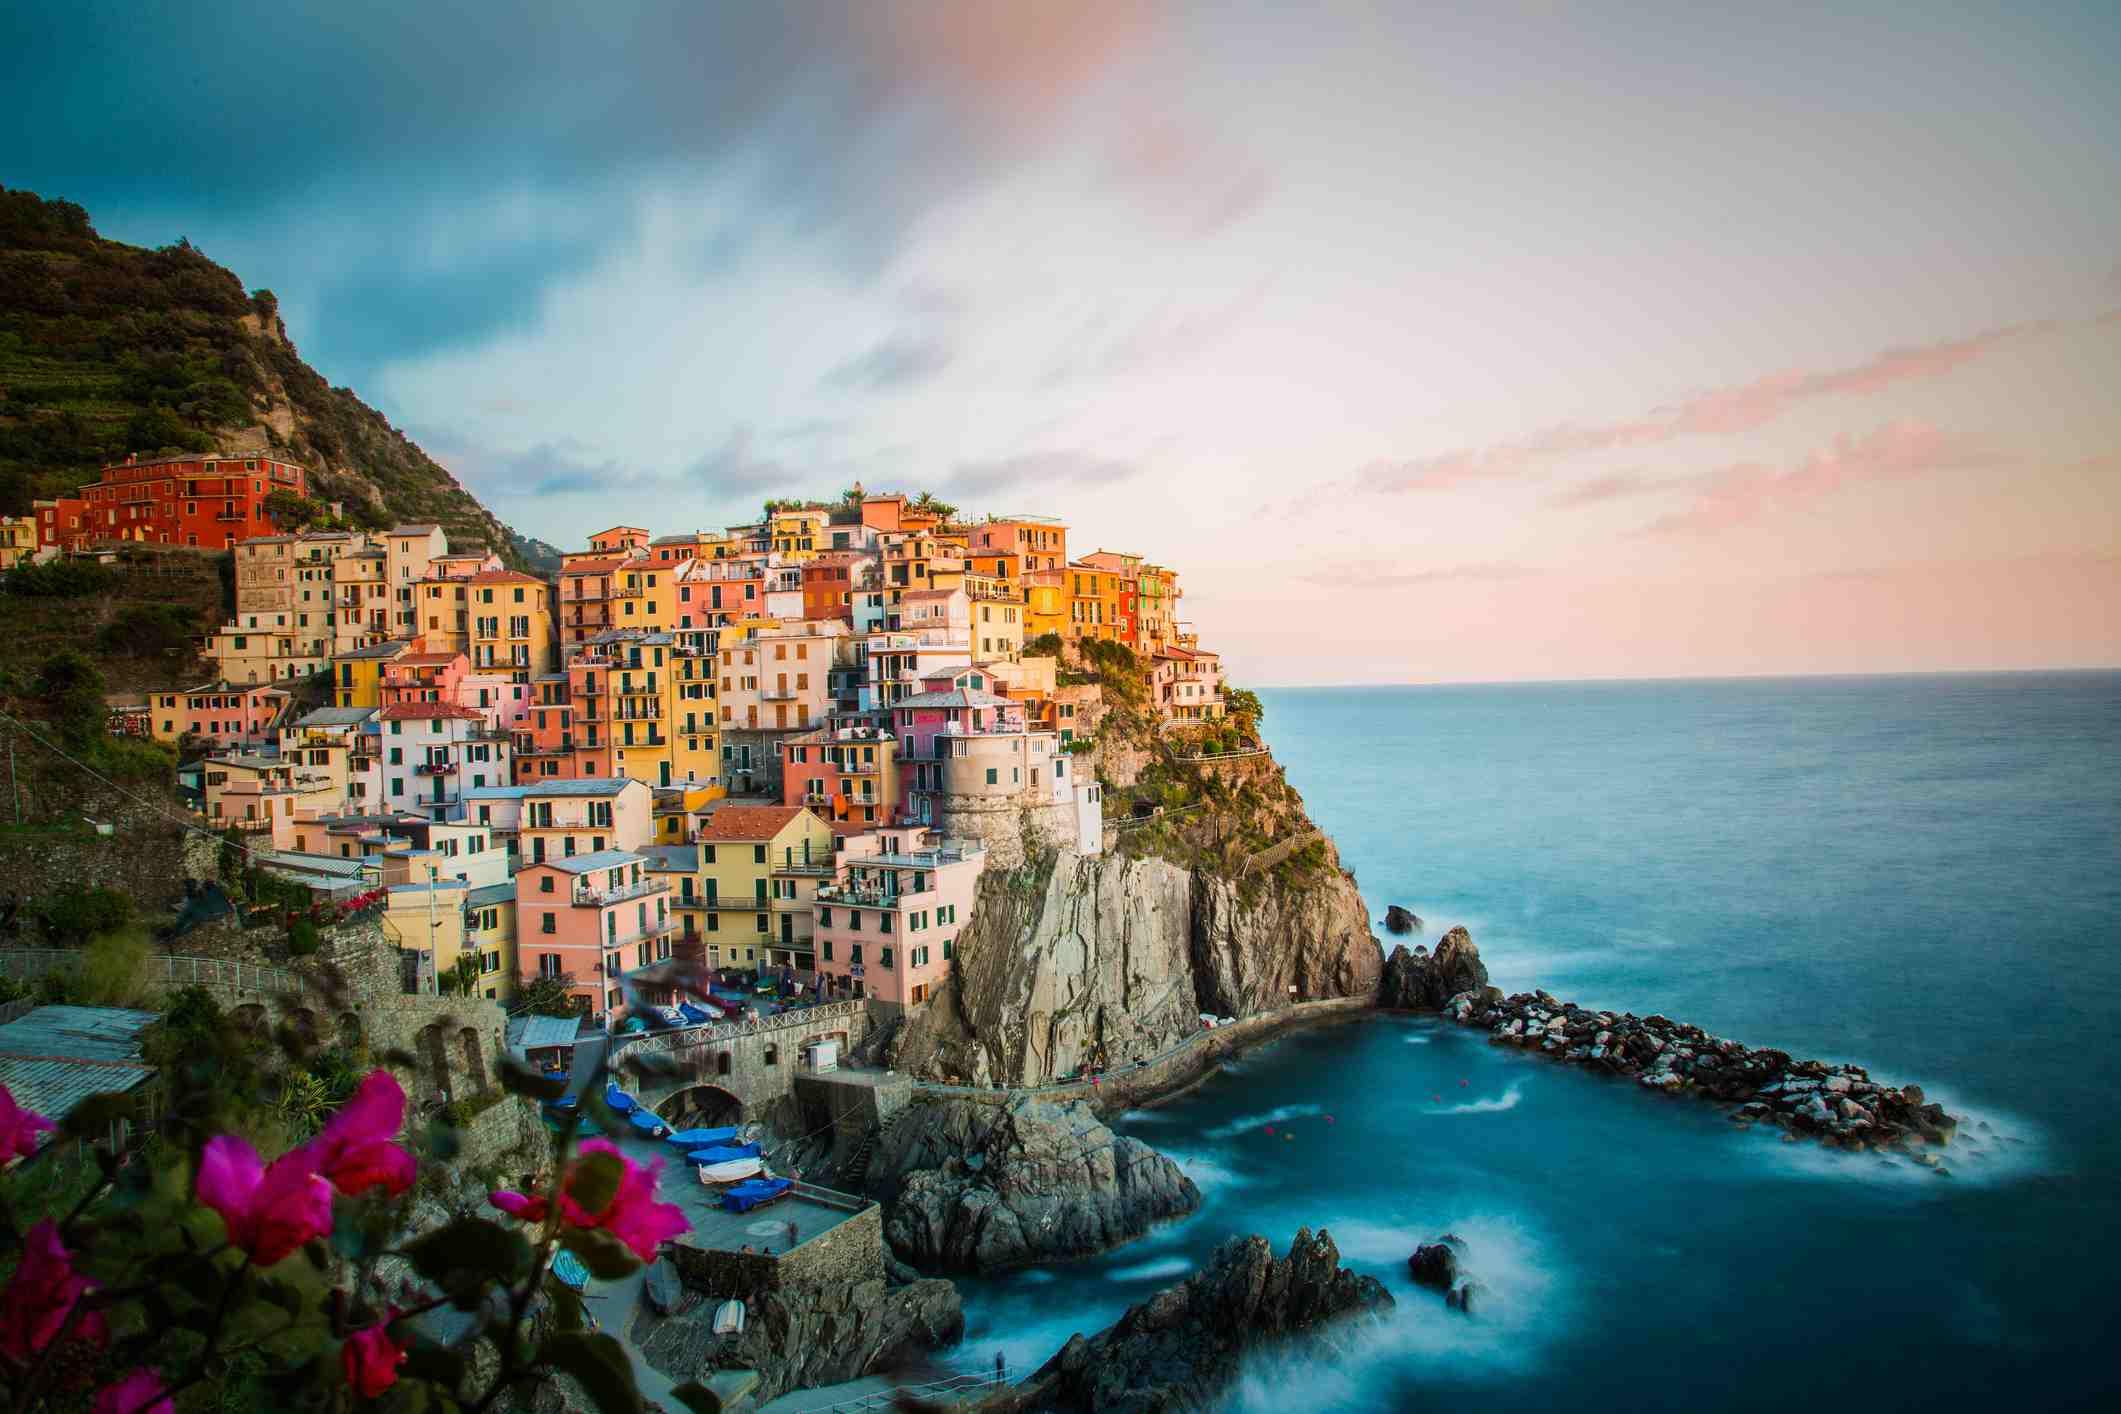 Excursión privada en tren de cinco pueblos a Cinque Terre desde La Spezia, 